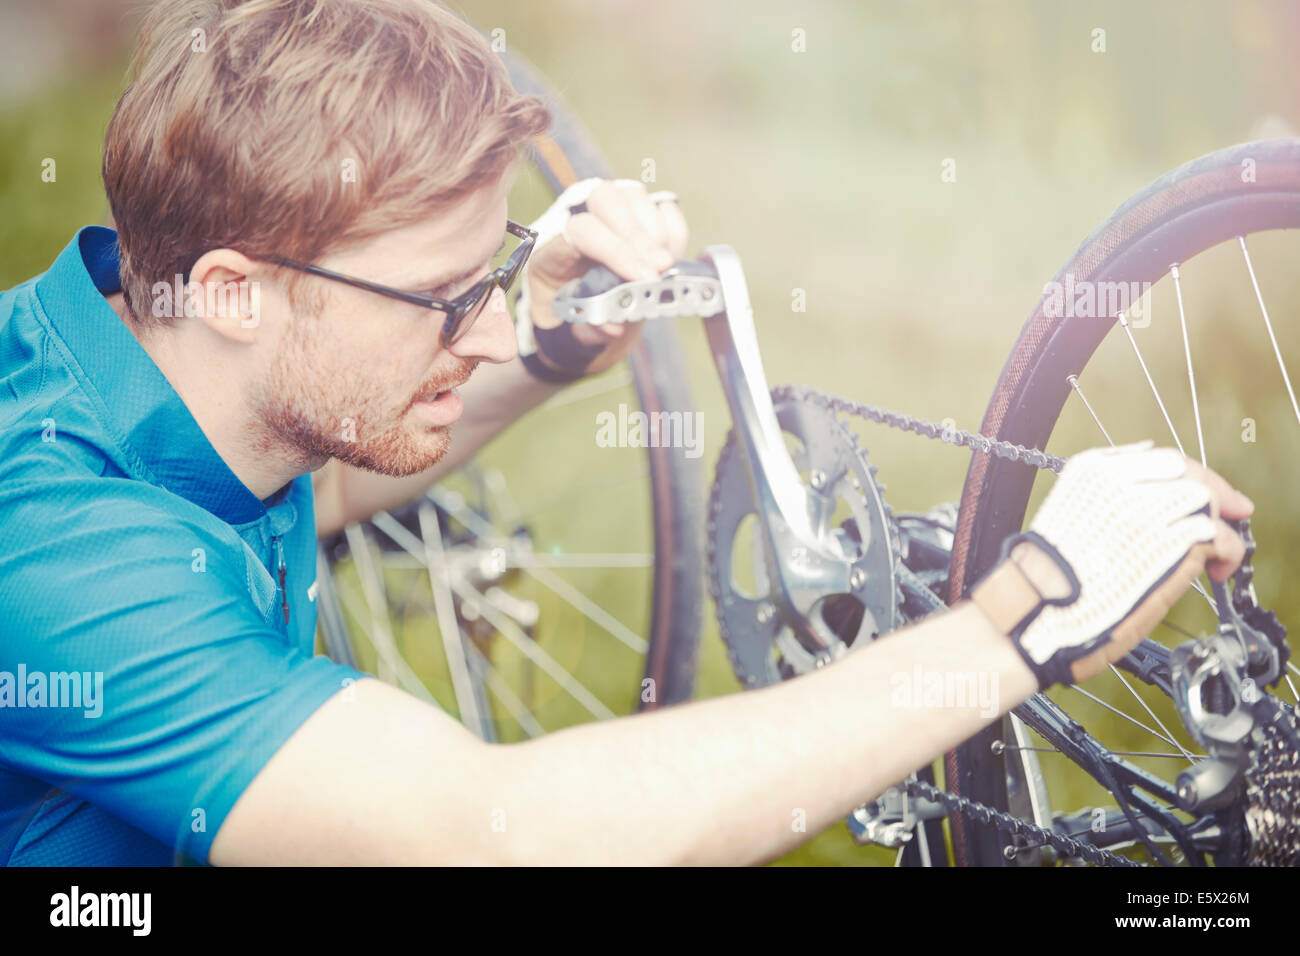 Ciclista rammendo catena per bicicletta Immagini Stock